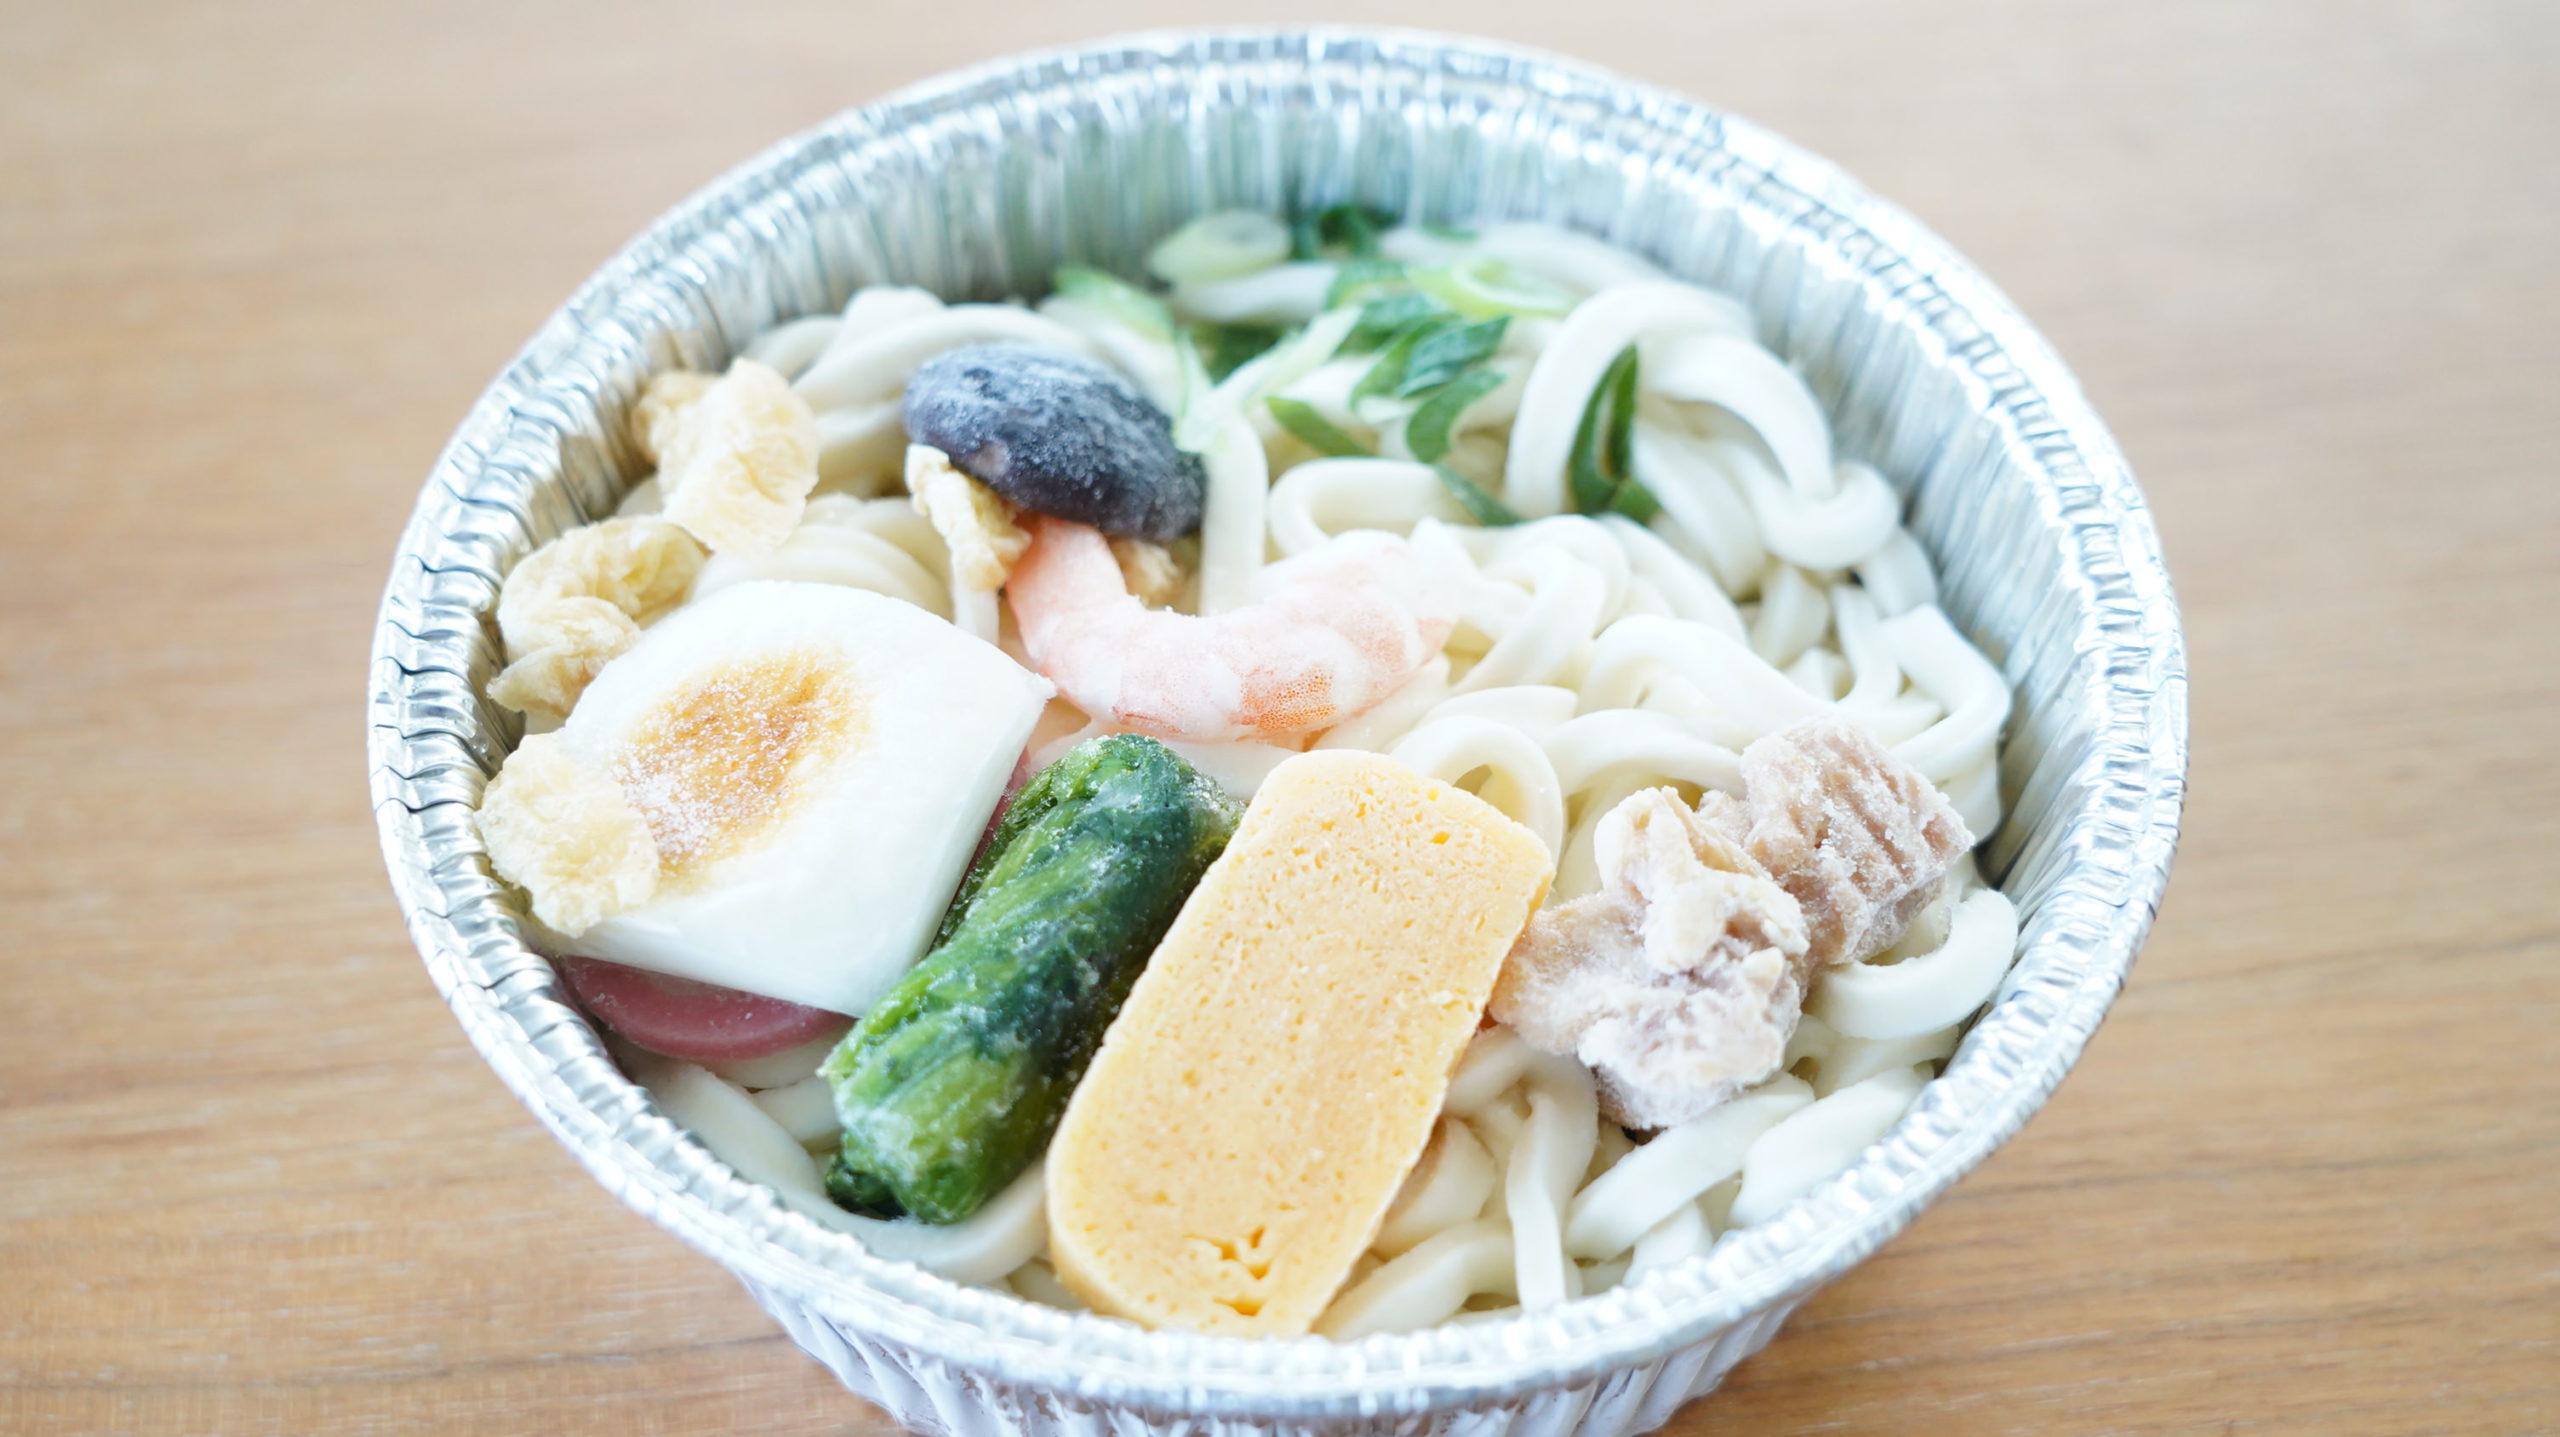 セブンイレブンの冷凍食品「関西風だし・鍋焼うどん」の冷凍状態の写真